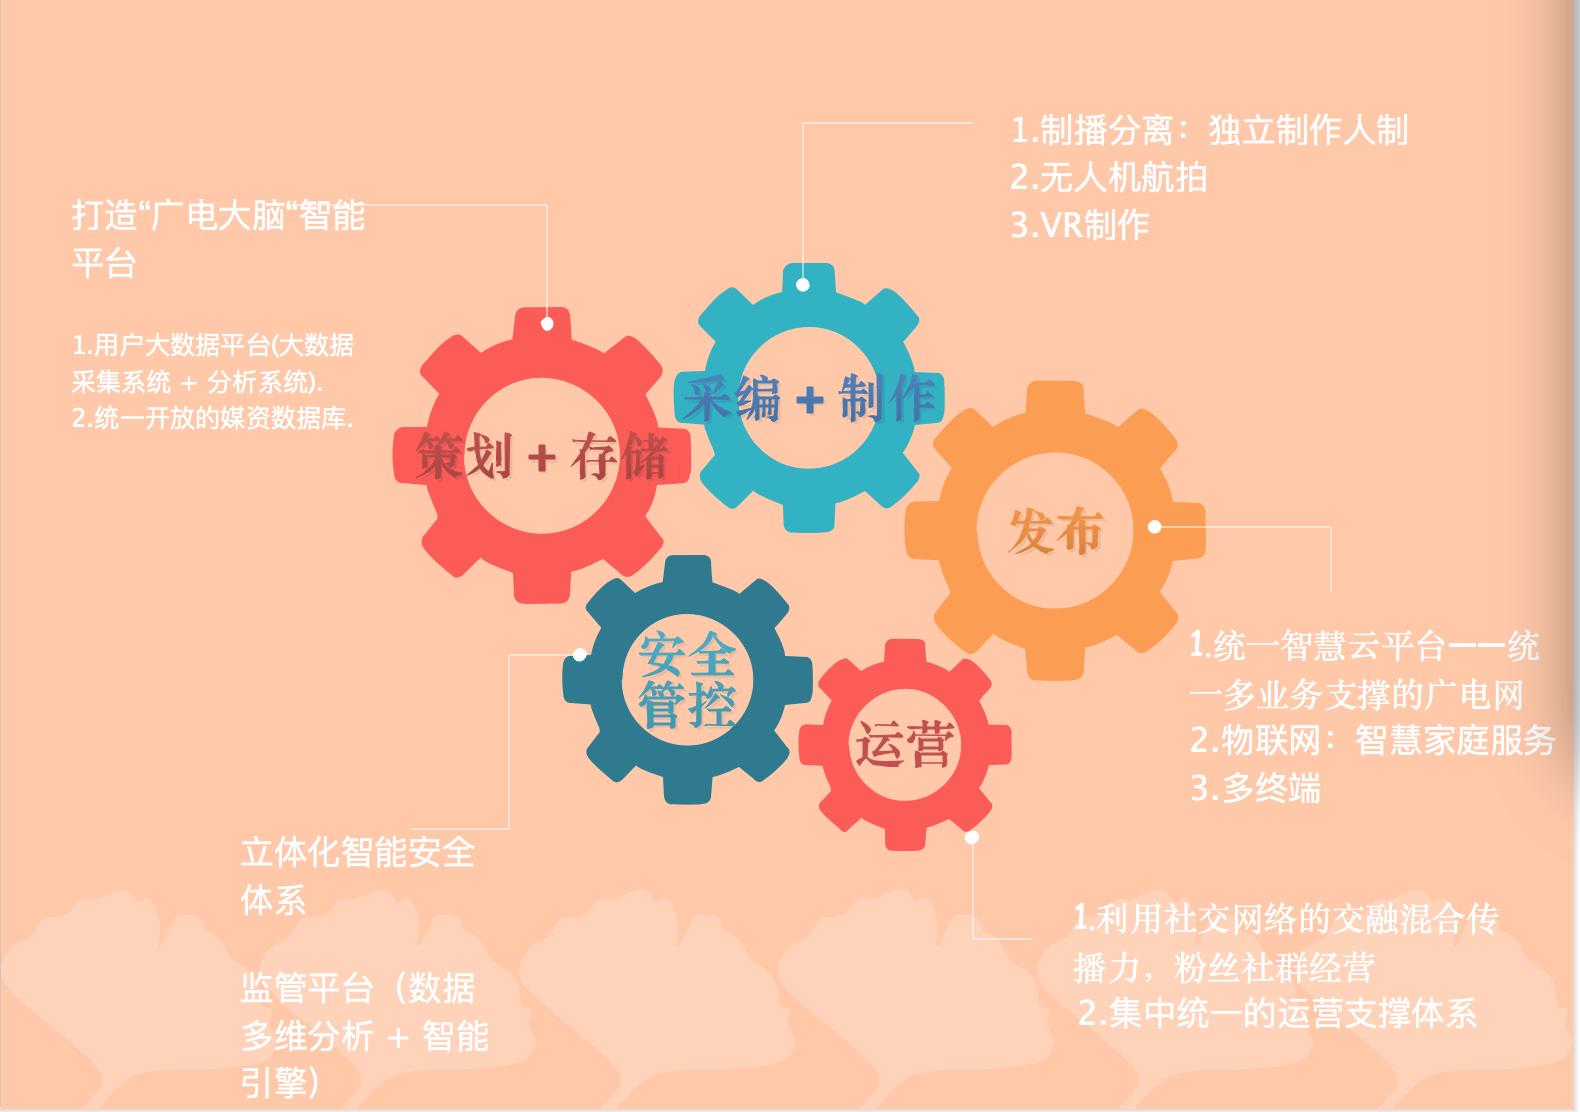 广电的技术发展策略分析